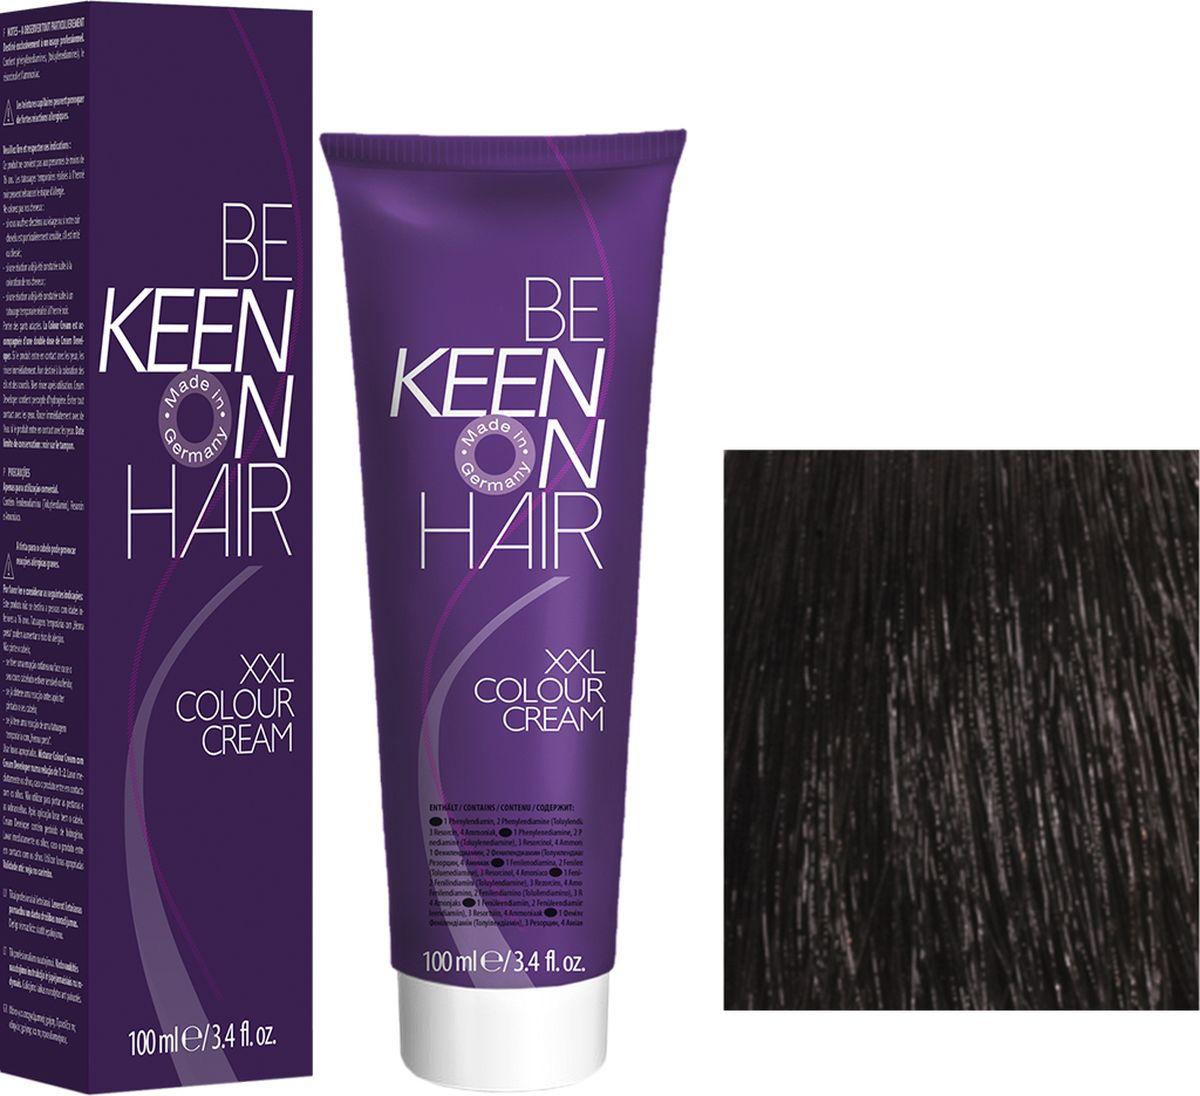 Keen Краска для волос 3.0 Темно-коричневый Dunkelbraun, 100 мл69100010Модные оттенкиБолее 100 оттенков для креативной комбинации цветов.ЭкономичностьПри использовании тюбика 100 мл вы получаете оптимальное соотношение цены и качества!УходМолочный белок поддерживает структуру волоса во время окрашивания и придает волосам блеск и шелковистость. Протеины хорошо встраиваются в волосы и снабжают их влагой.